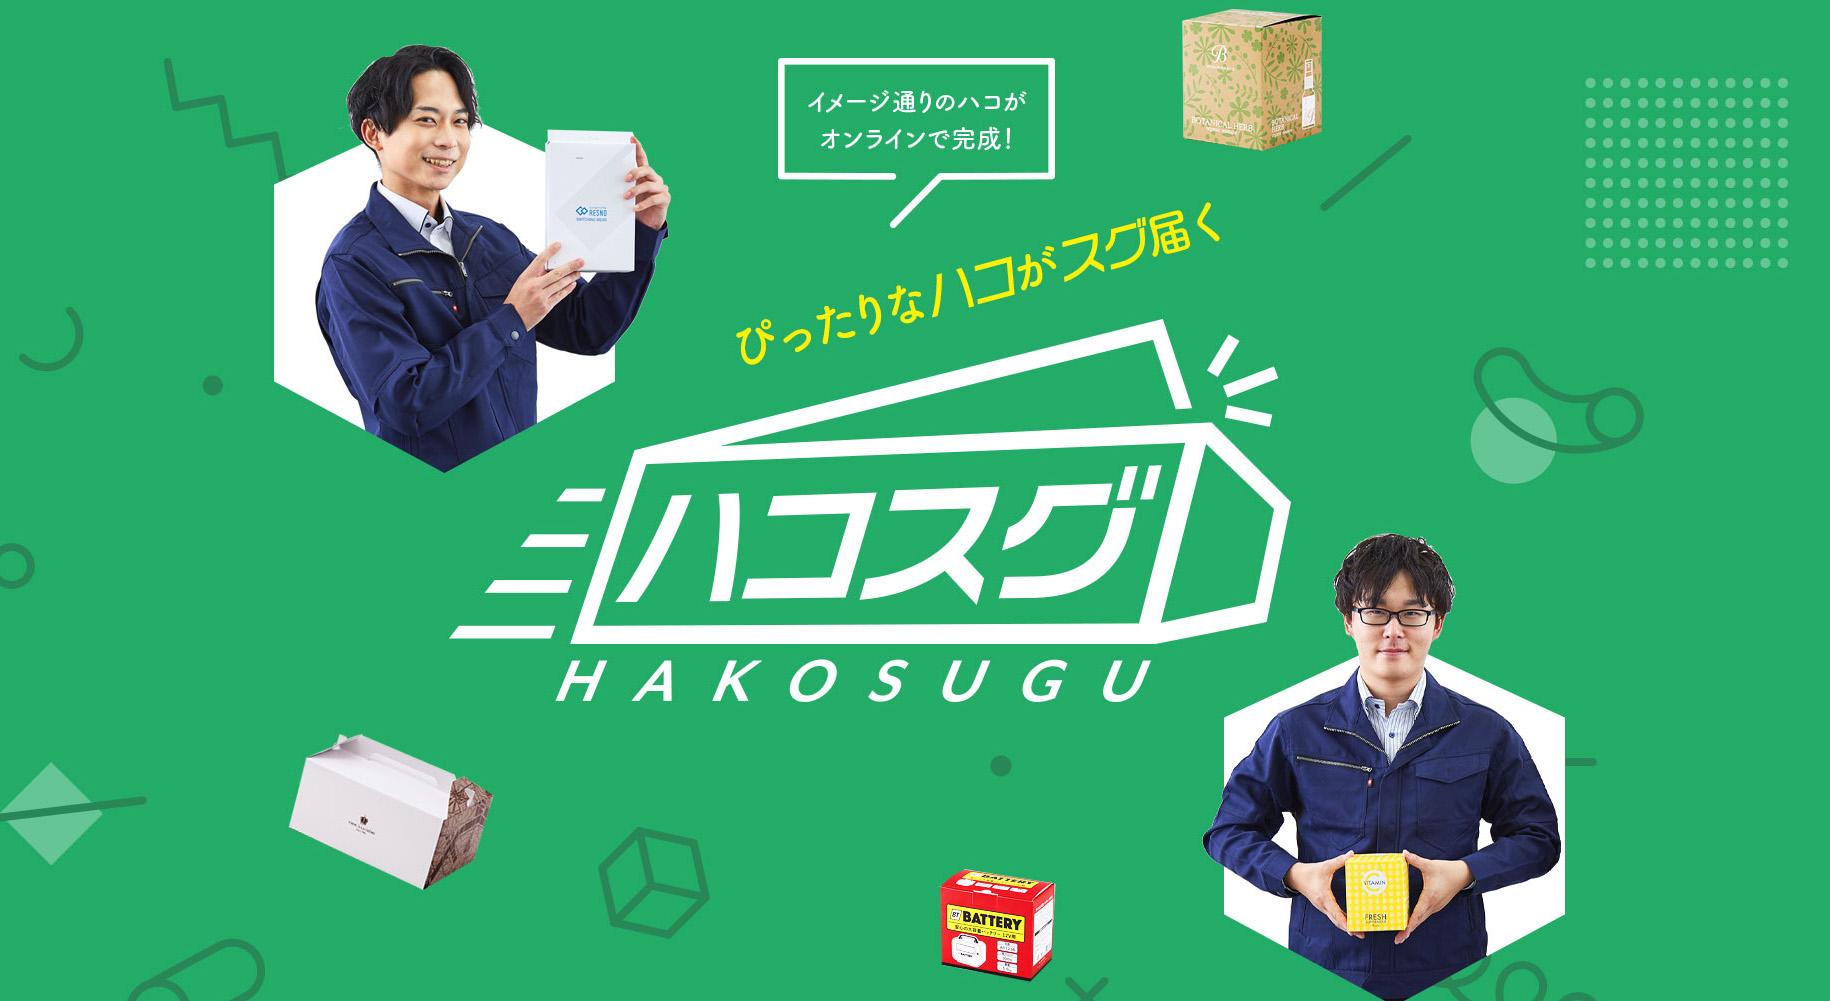 「ハコスグ」はあらゆる業界あらゆる形状のハコを作るハコ制作会社です。